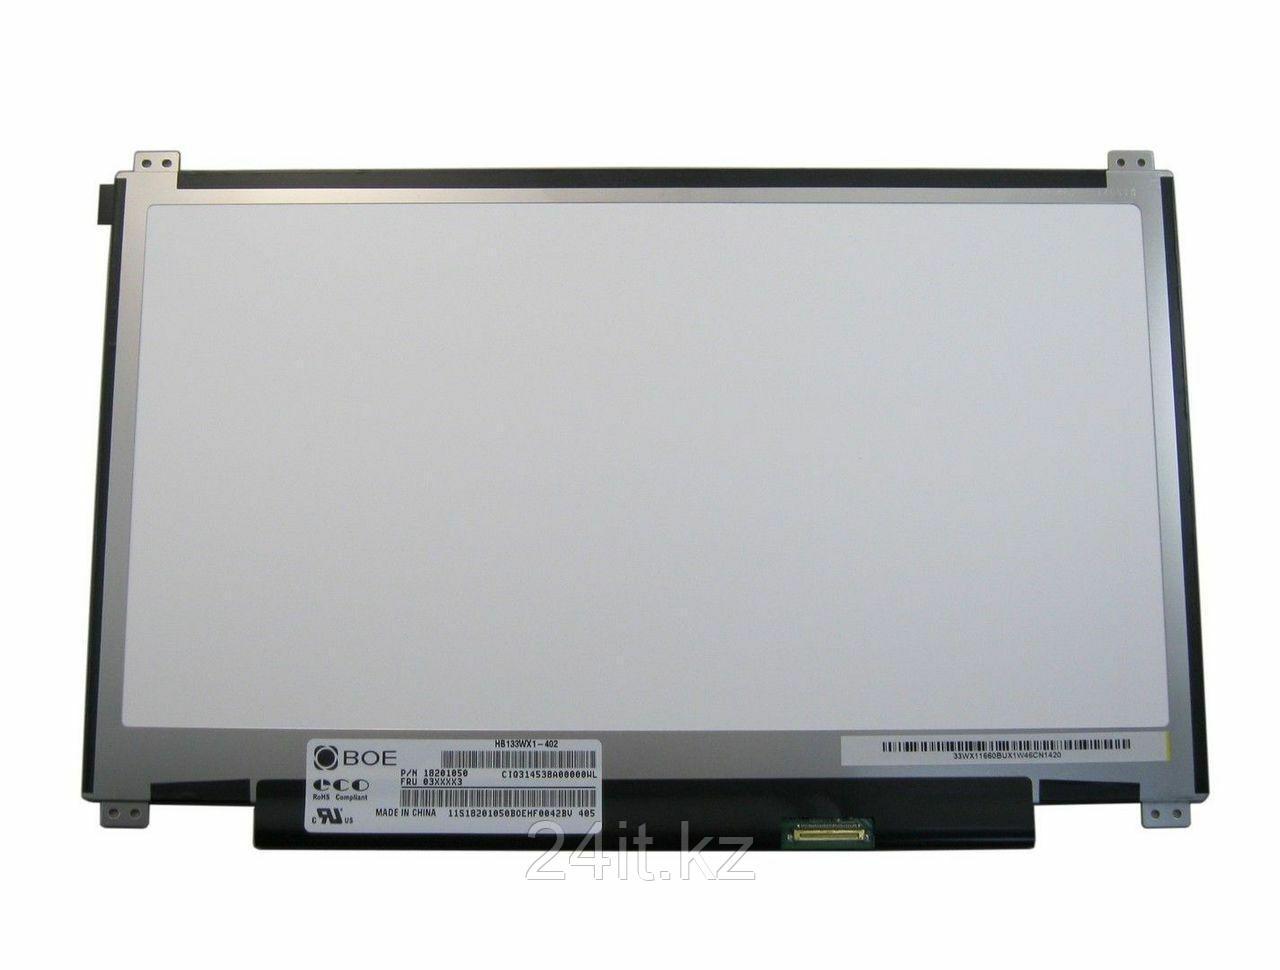 """ЖК экран для ноутбука 13.3"""" BOE, HB133WX1-402, 1366x768 WXGA HD, LED (либо аналогичная)"""